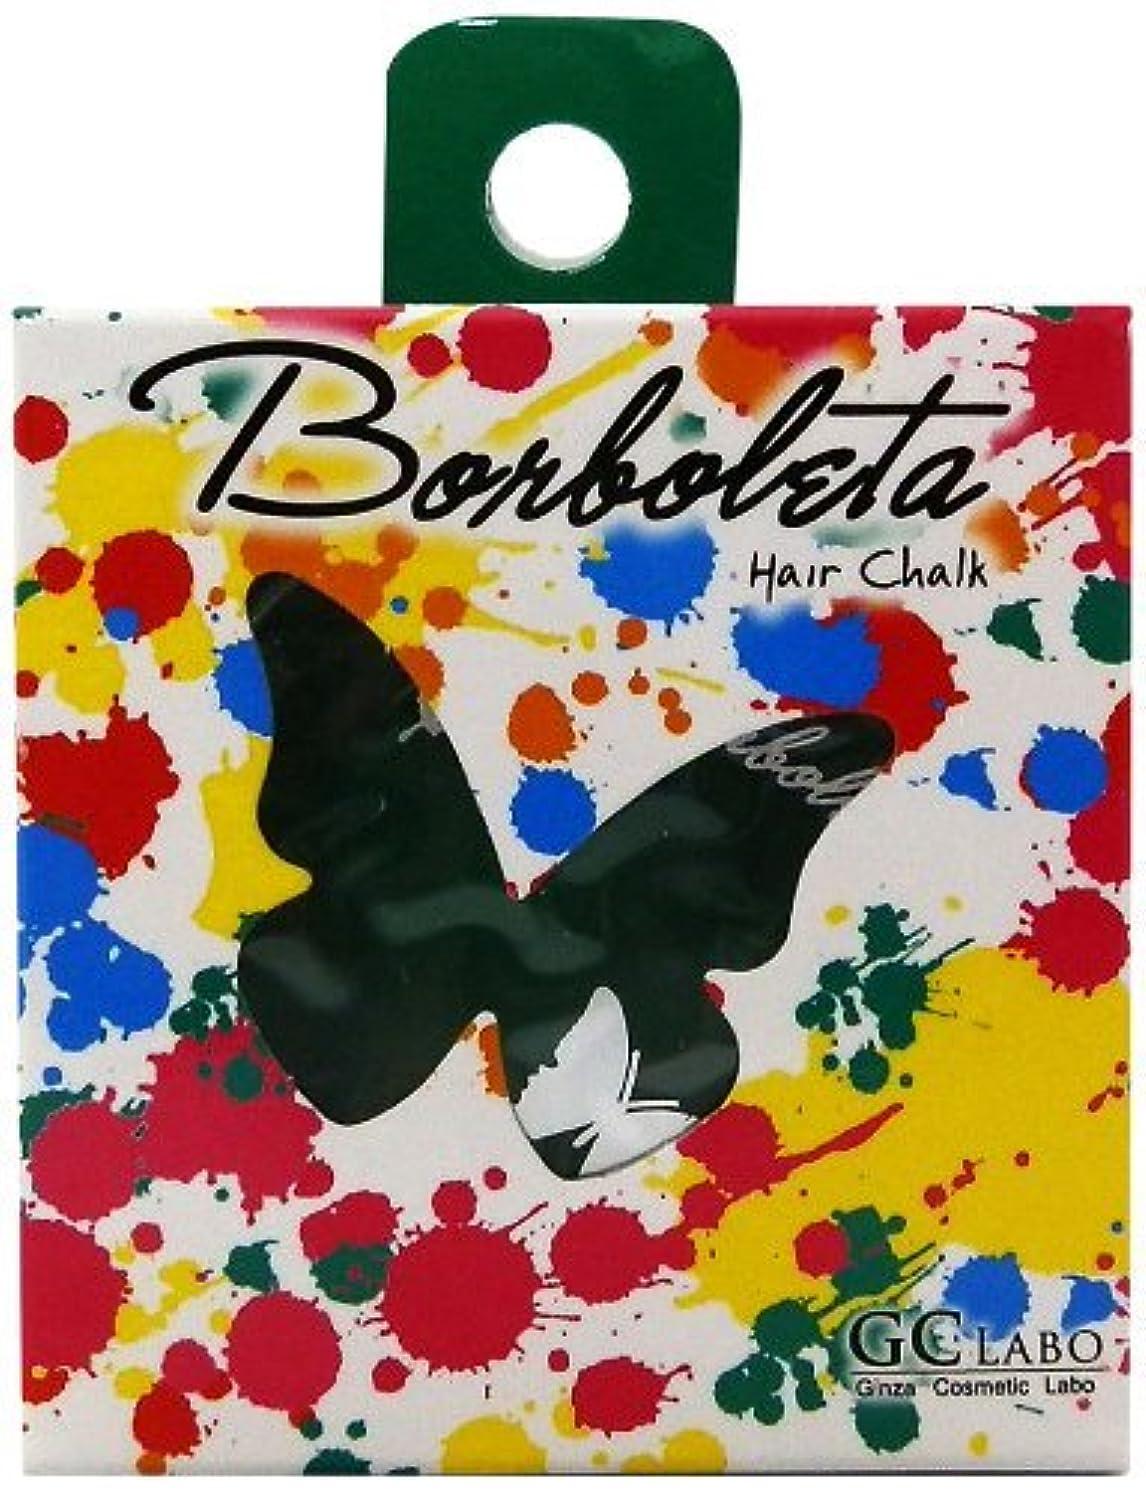 最少洋服同盟MADE IN JAPAN Borboleta ヘアチョーク(全8色) ヘアーチョーク ヘアーカラー (ORANGE)